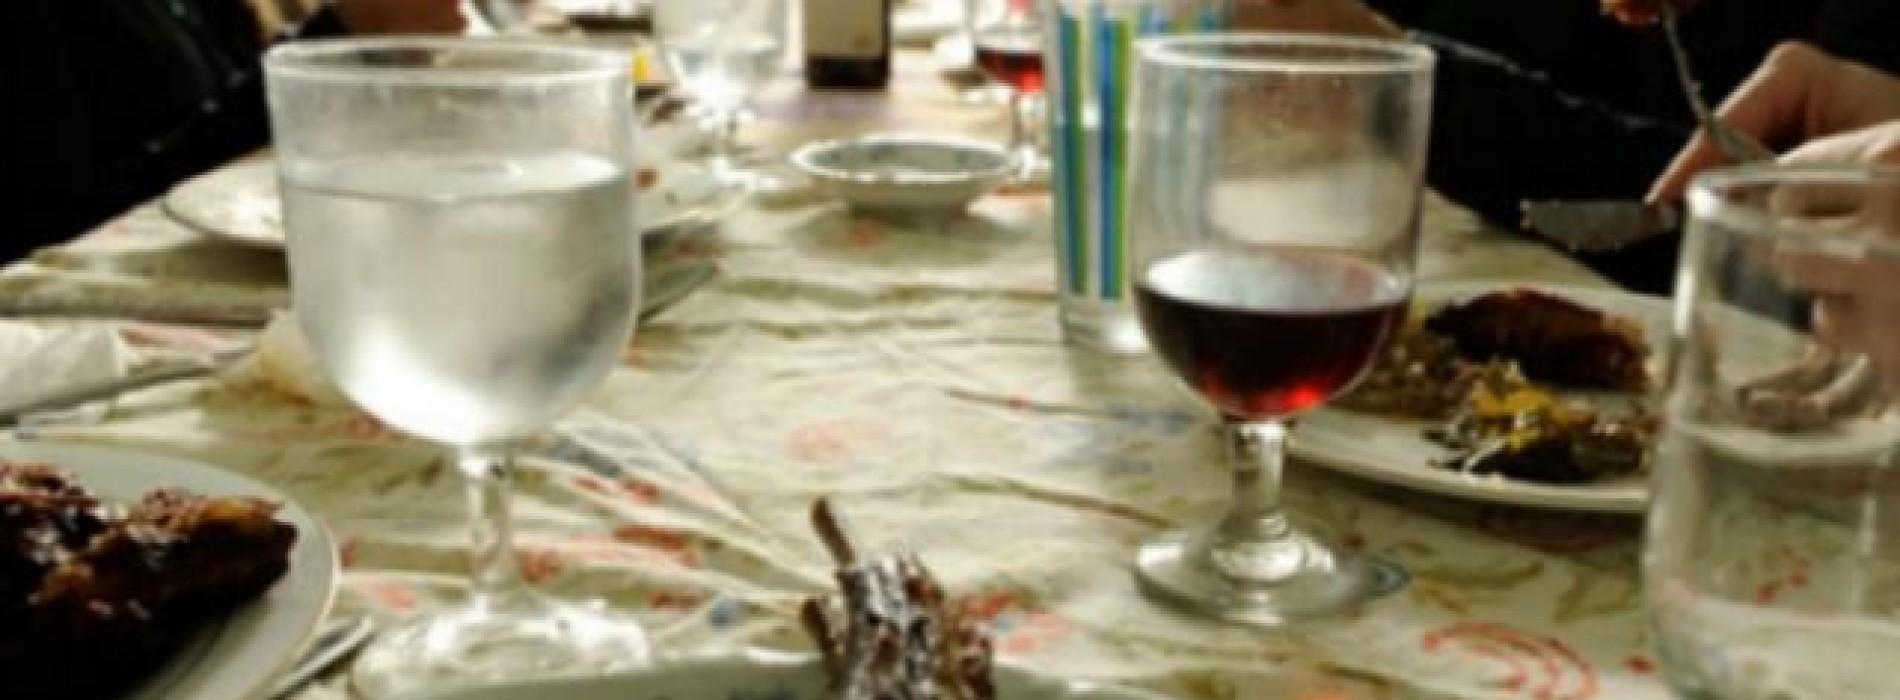 Supper Club, da Milano a Palermo spopola la cena a casa di perfetti sconosciuti